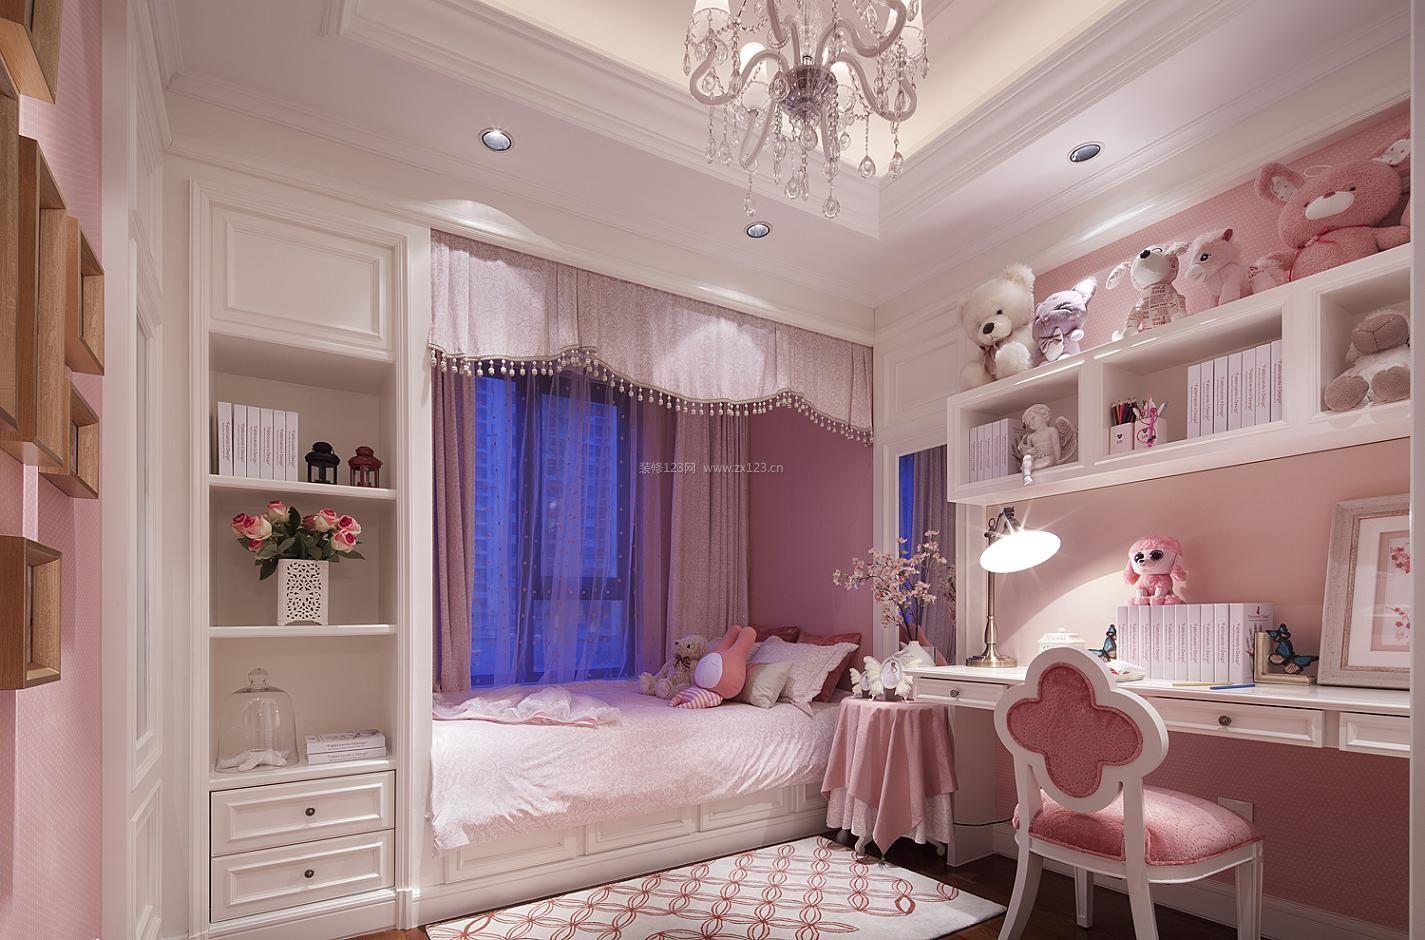 欧式别墅卧室阳台榻榻米床装修效果图